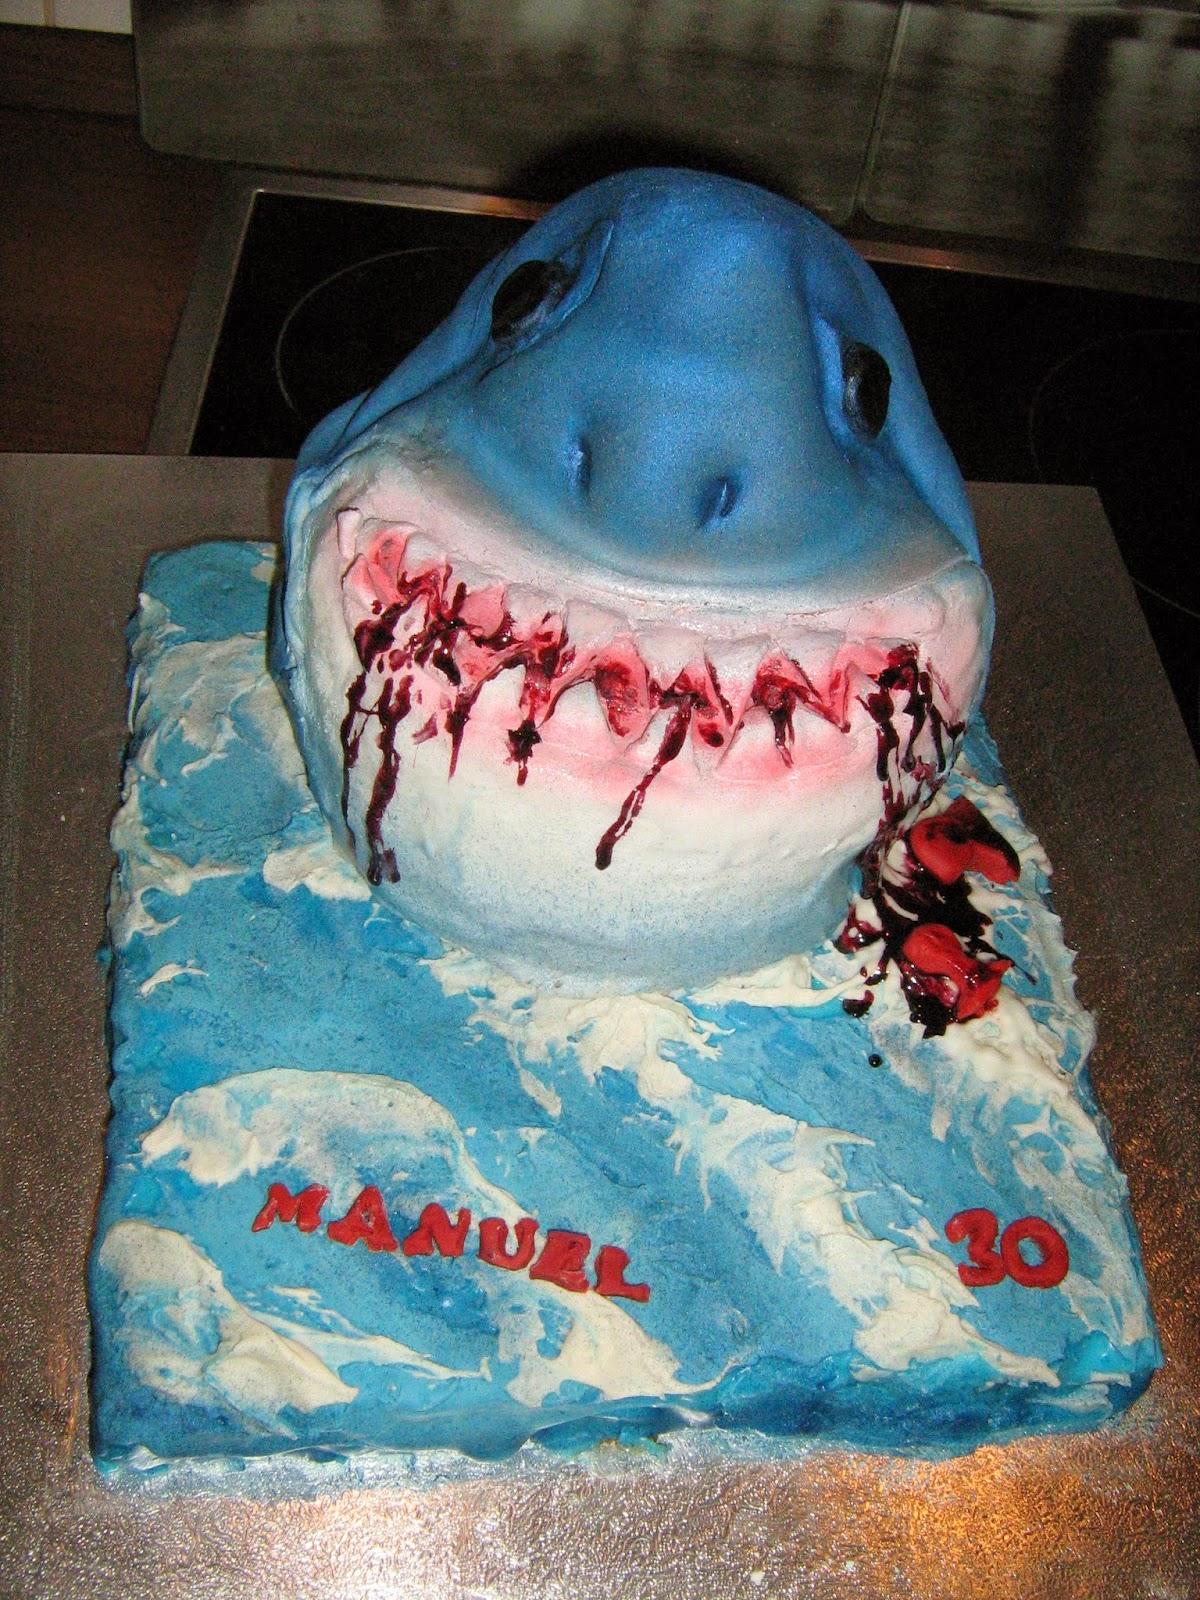 annis fairytale cakes hai torte shark cake f r meinen mann zum 30ten. Black Bedroom Furniture Sets. Home Design Ideas